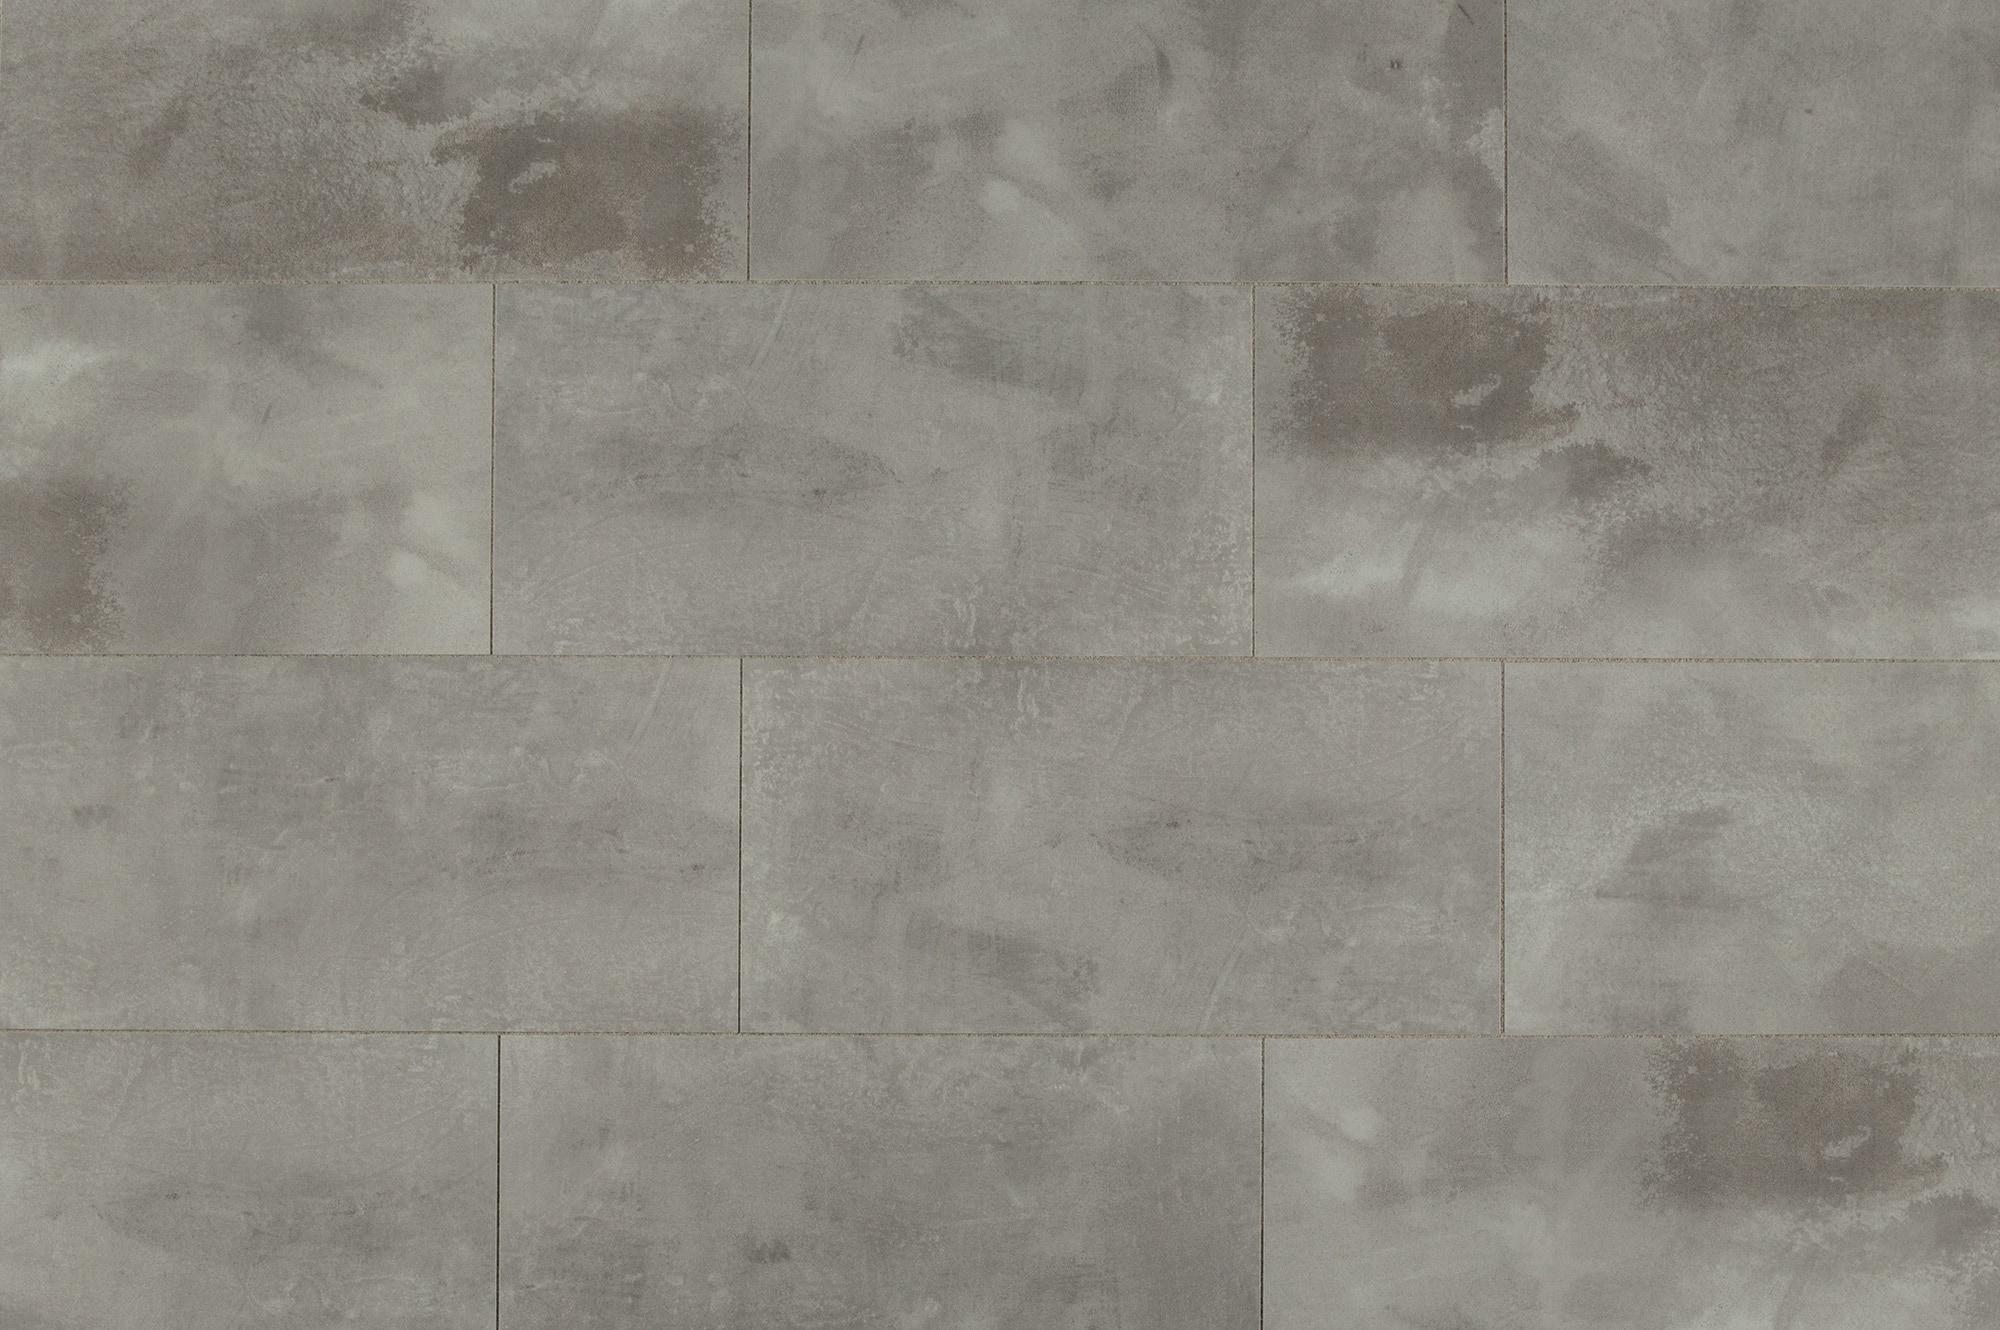 Concrete Floor Tiles >> Free photo: Concrete tiles texture - Concrete, Pavement